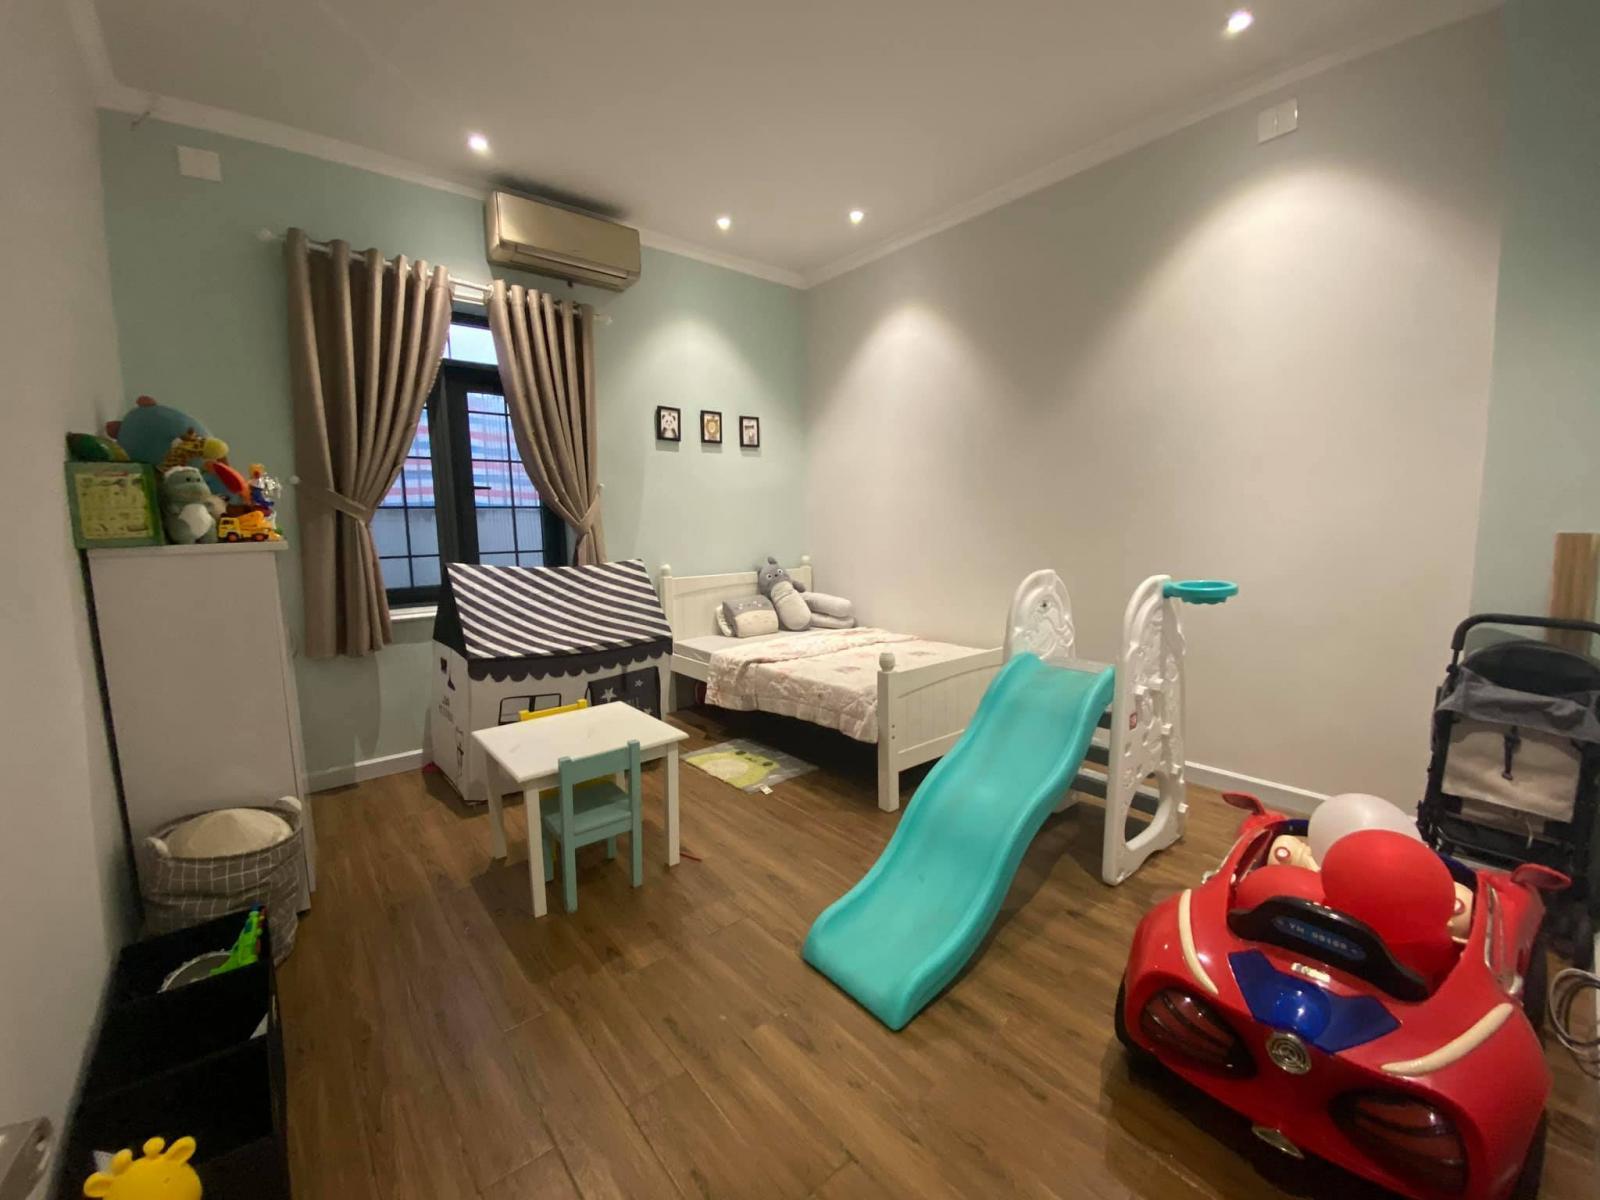 Phòng ngủ của con trai với nhiều đồ chơi để bé thỏa sức vui đùa, hoạt động.